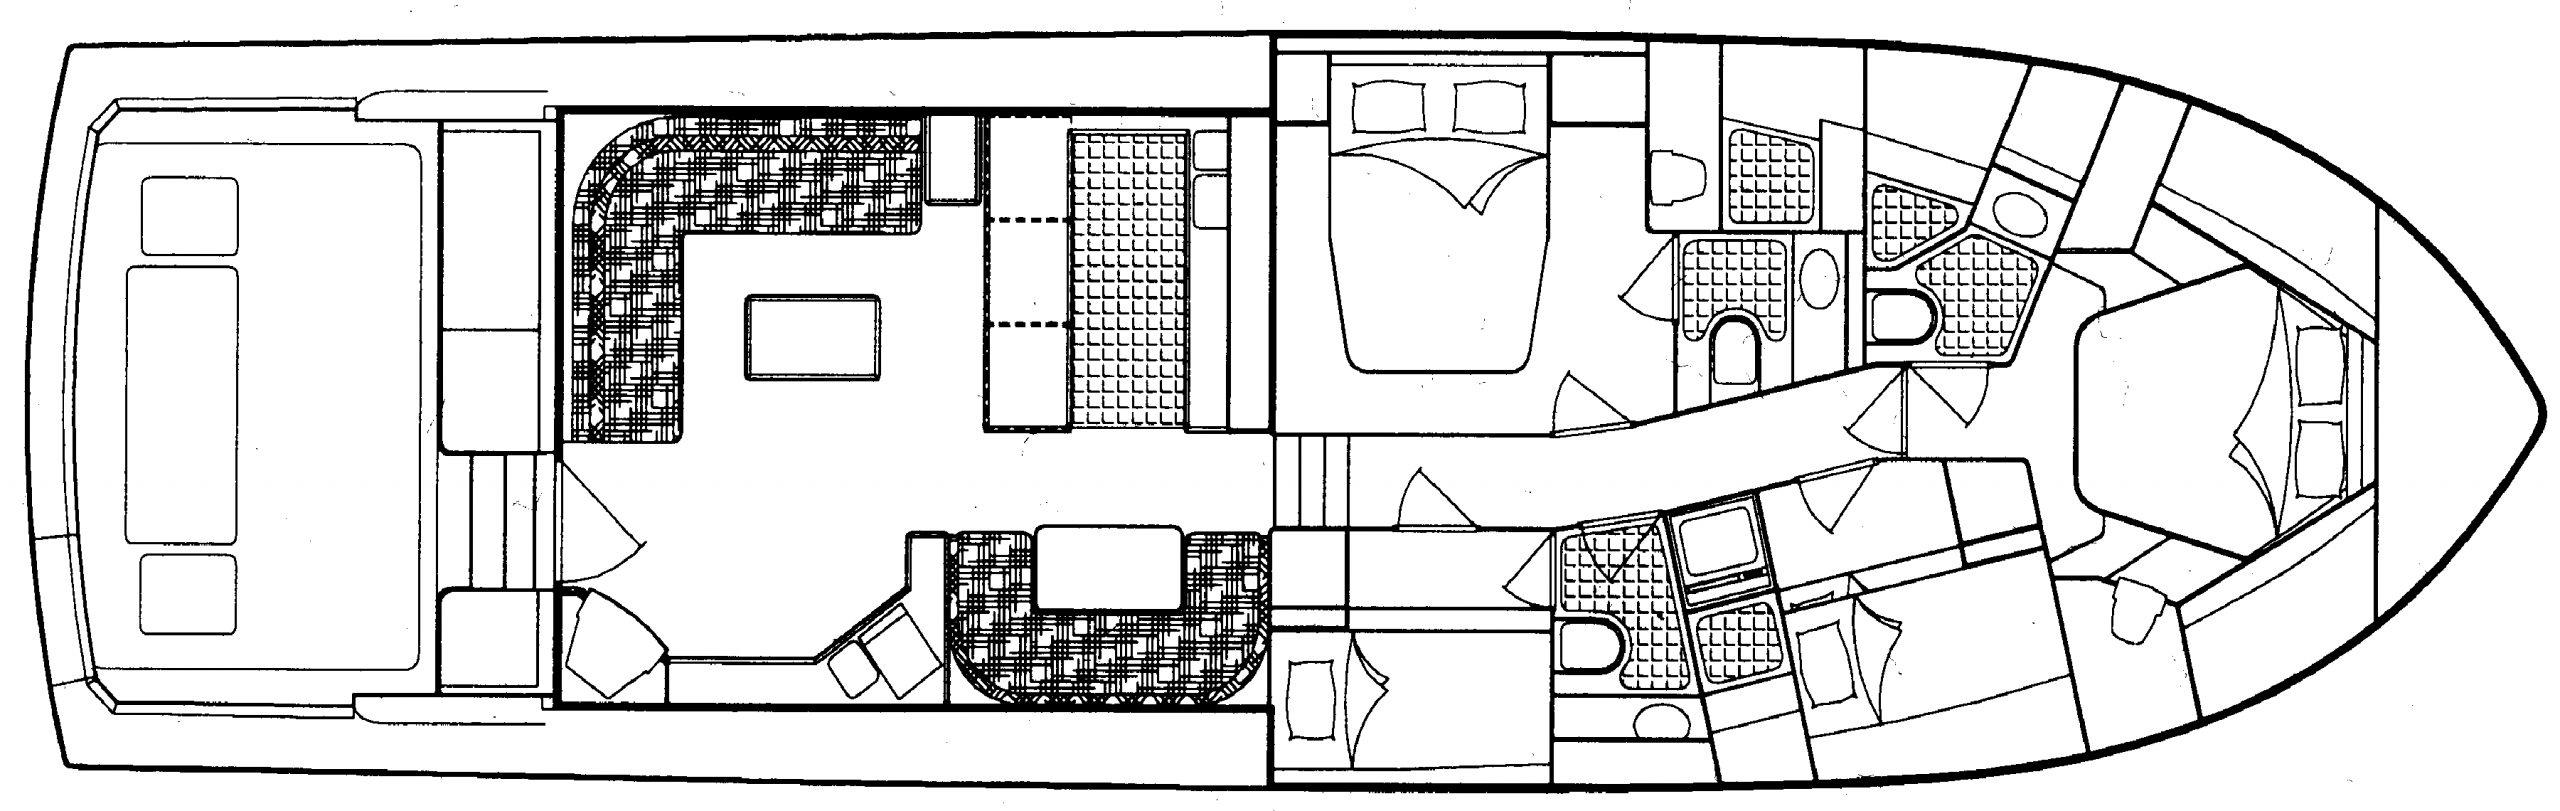 Bertram 60 Convertible Floor Plan 2